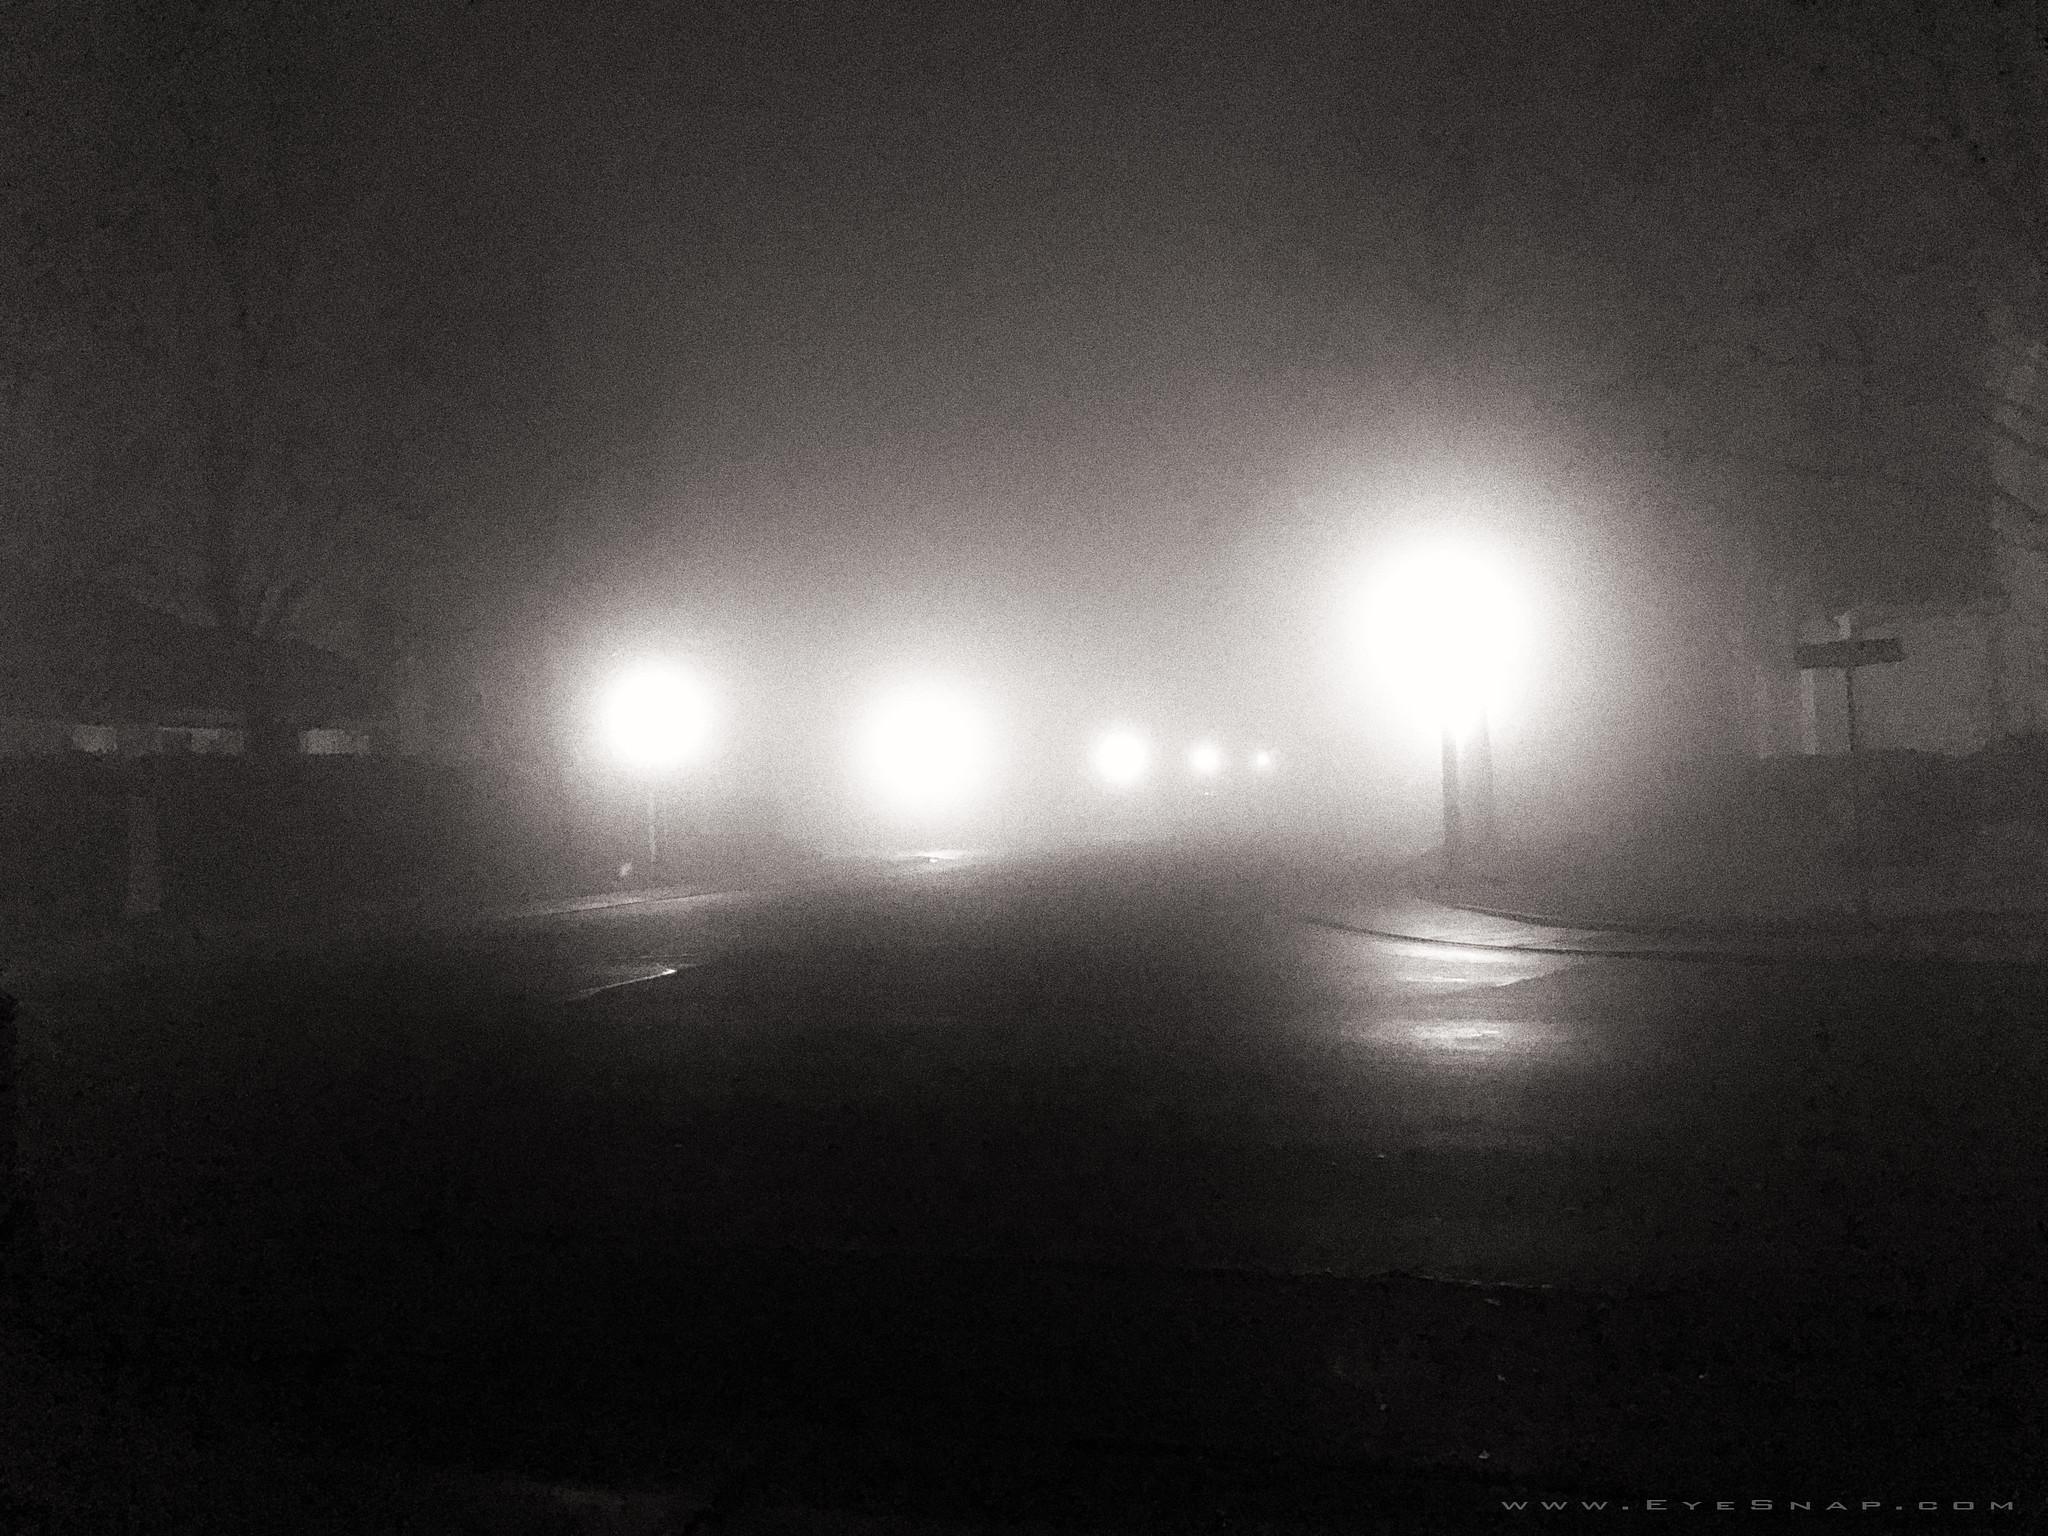 foggy_0369